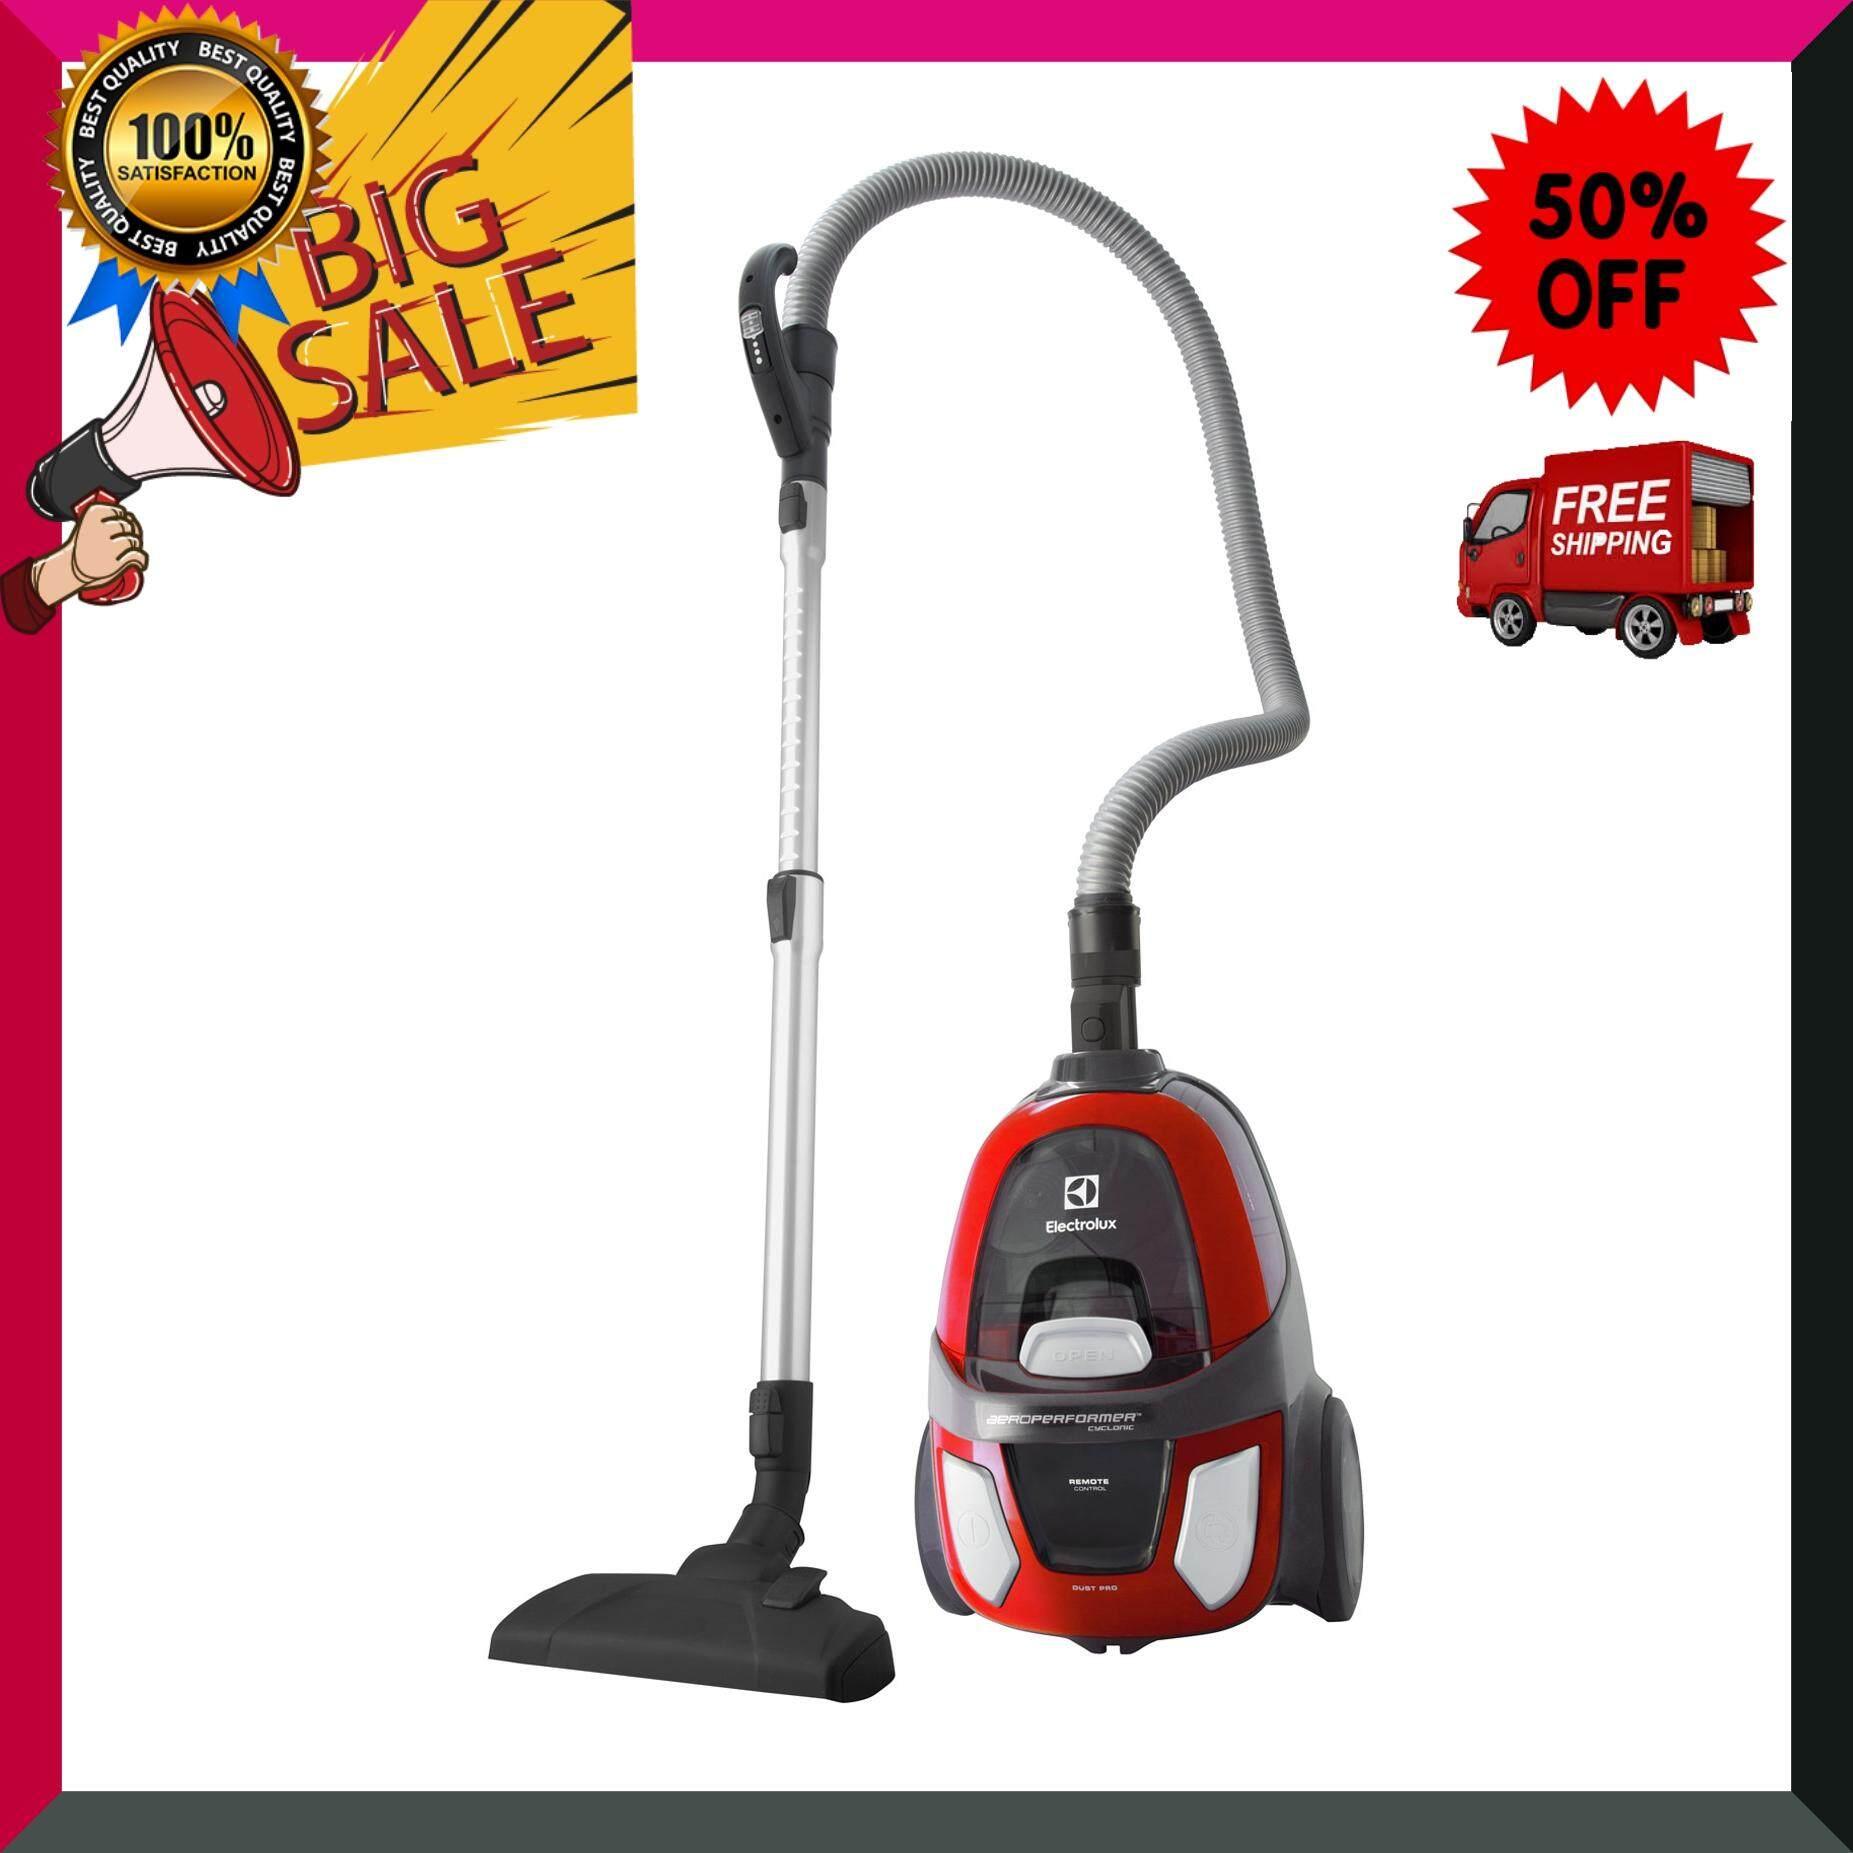 ELECTROLUX เครื่องดูดฝุ่น รุ่น ZAP9940 สีเทา-แดง เครื่องดูดฝุ่น เครื่องทำความสะอาด เครื่องดูดฝุ่นอัตโนมัติ หุ่นยนต์ดูดฝุ่น Vacuum Cleaner สินค้าคุณภาพ Premium ***จัดส่งฟรี***